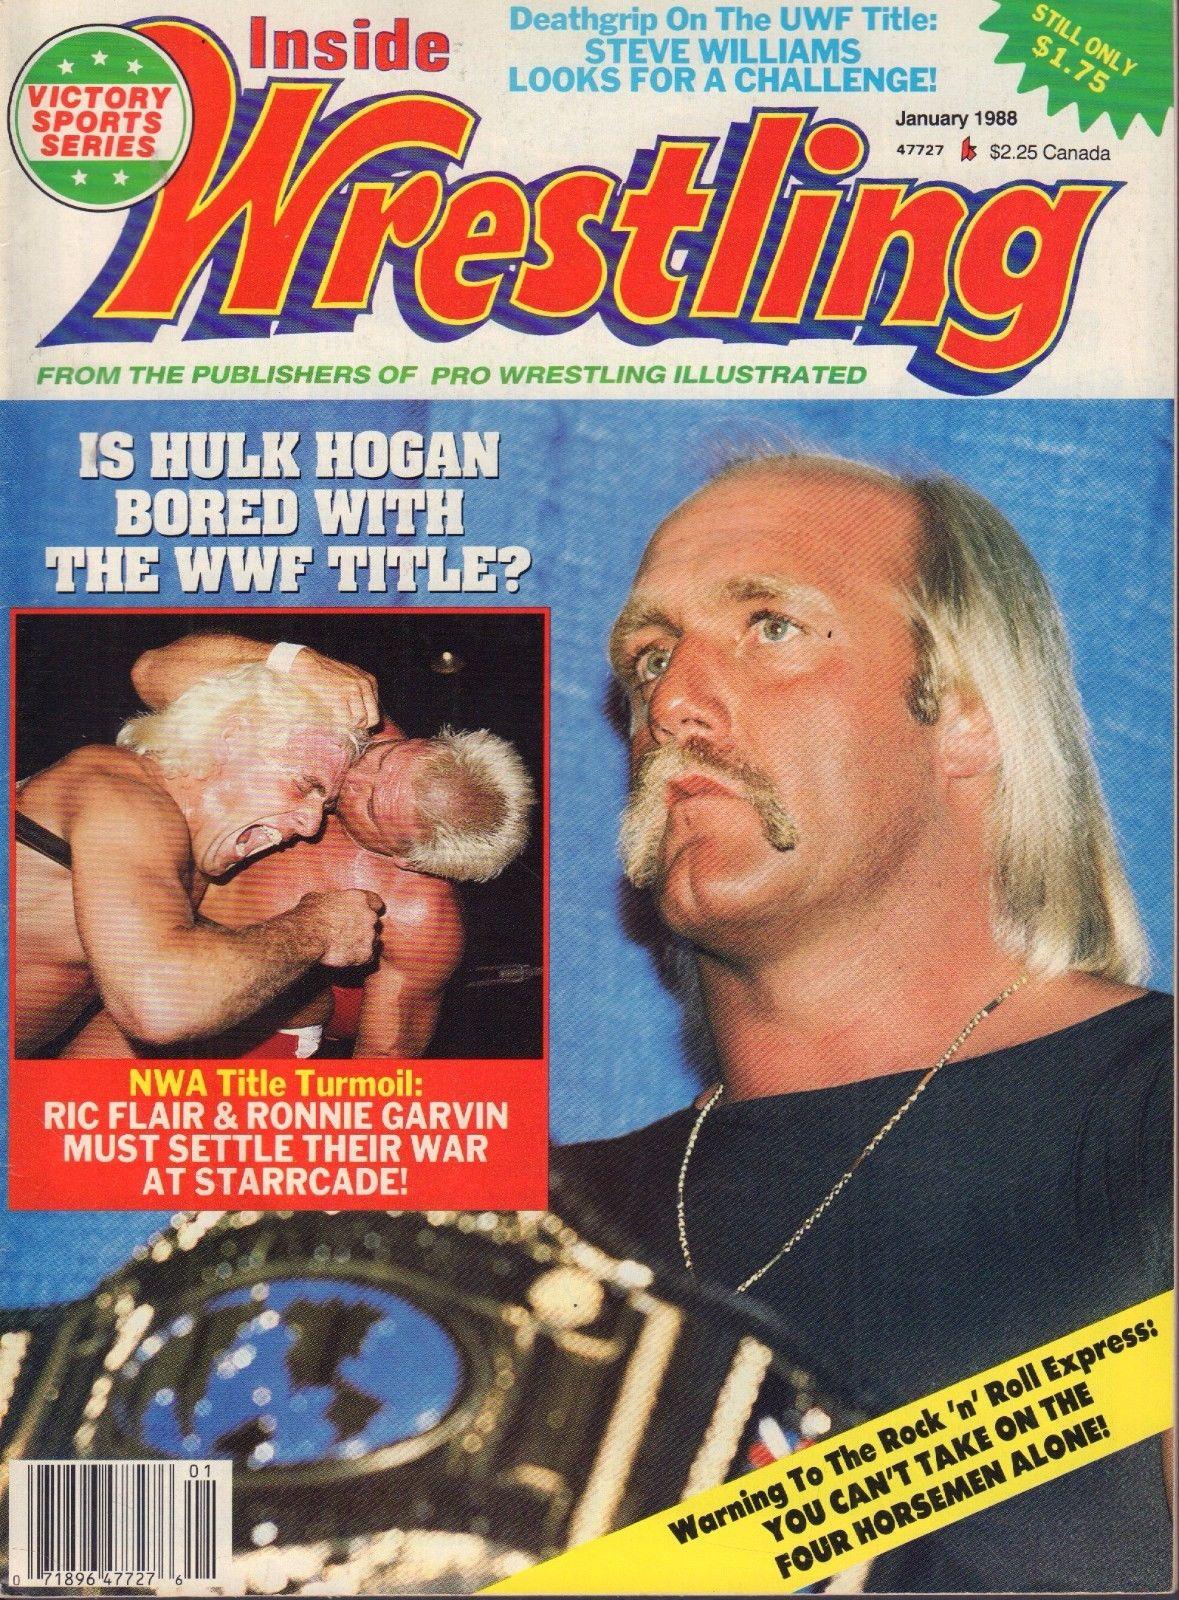 Inside Wrestling - January 1988